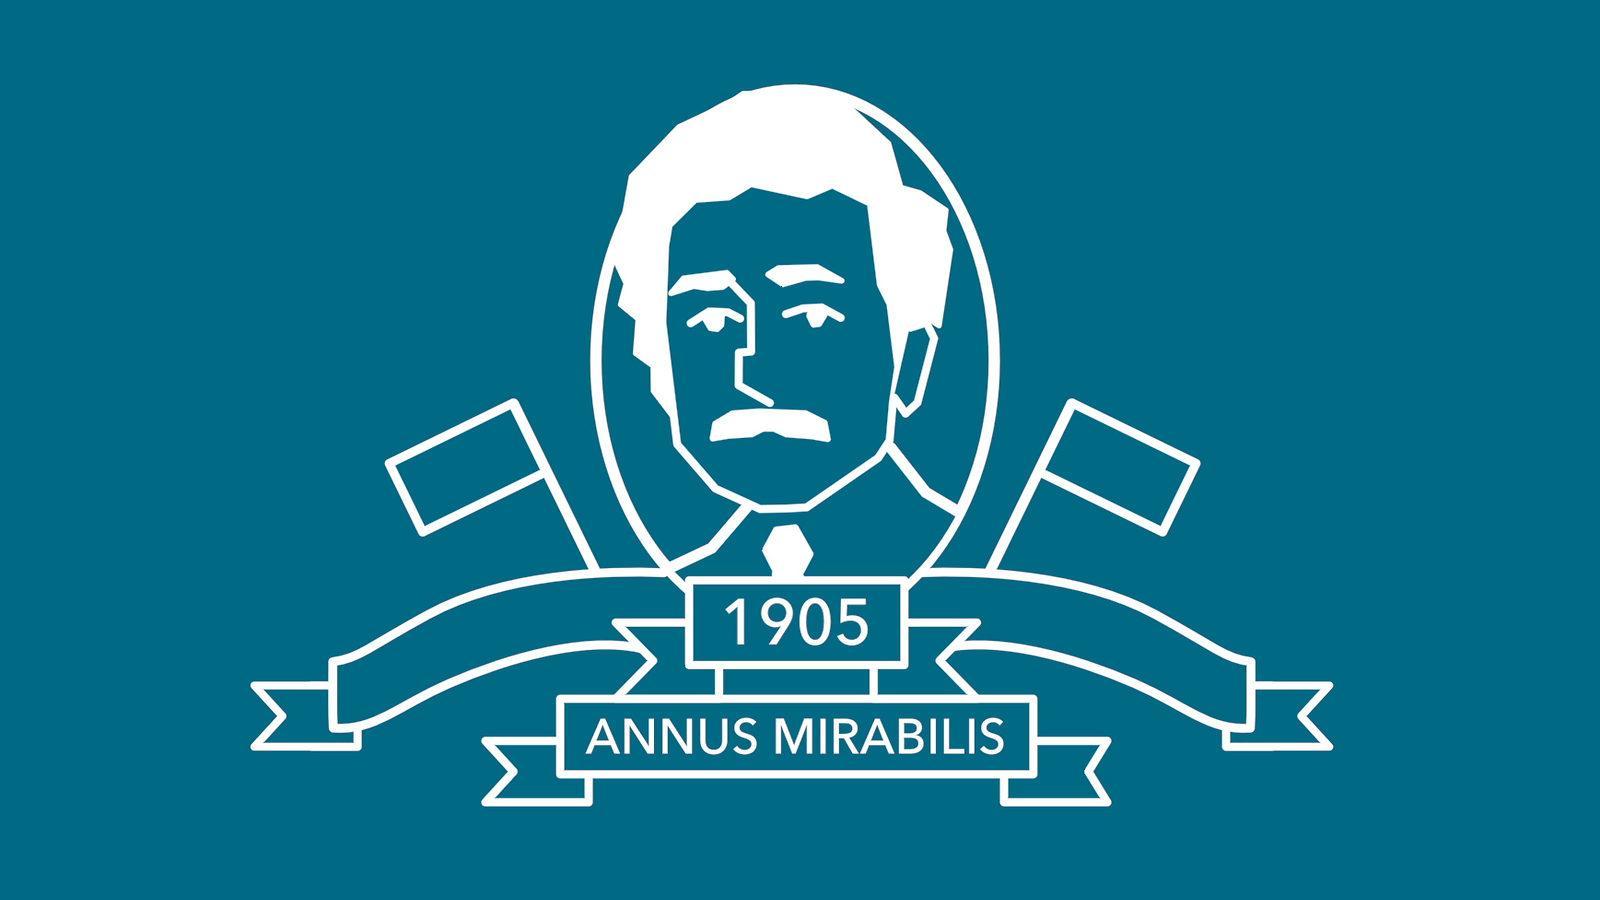 Image: Einstein video